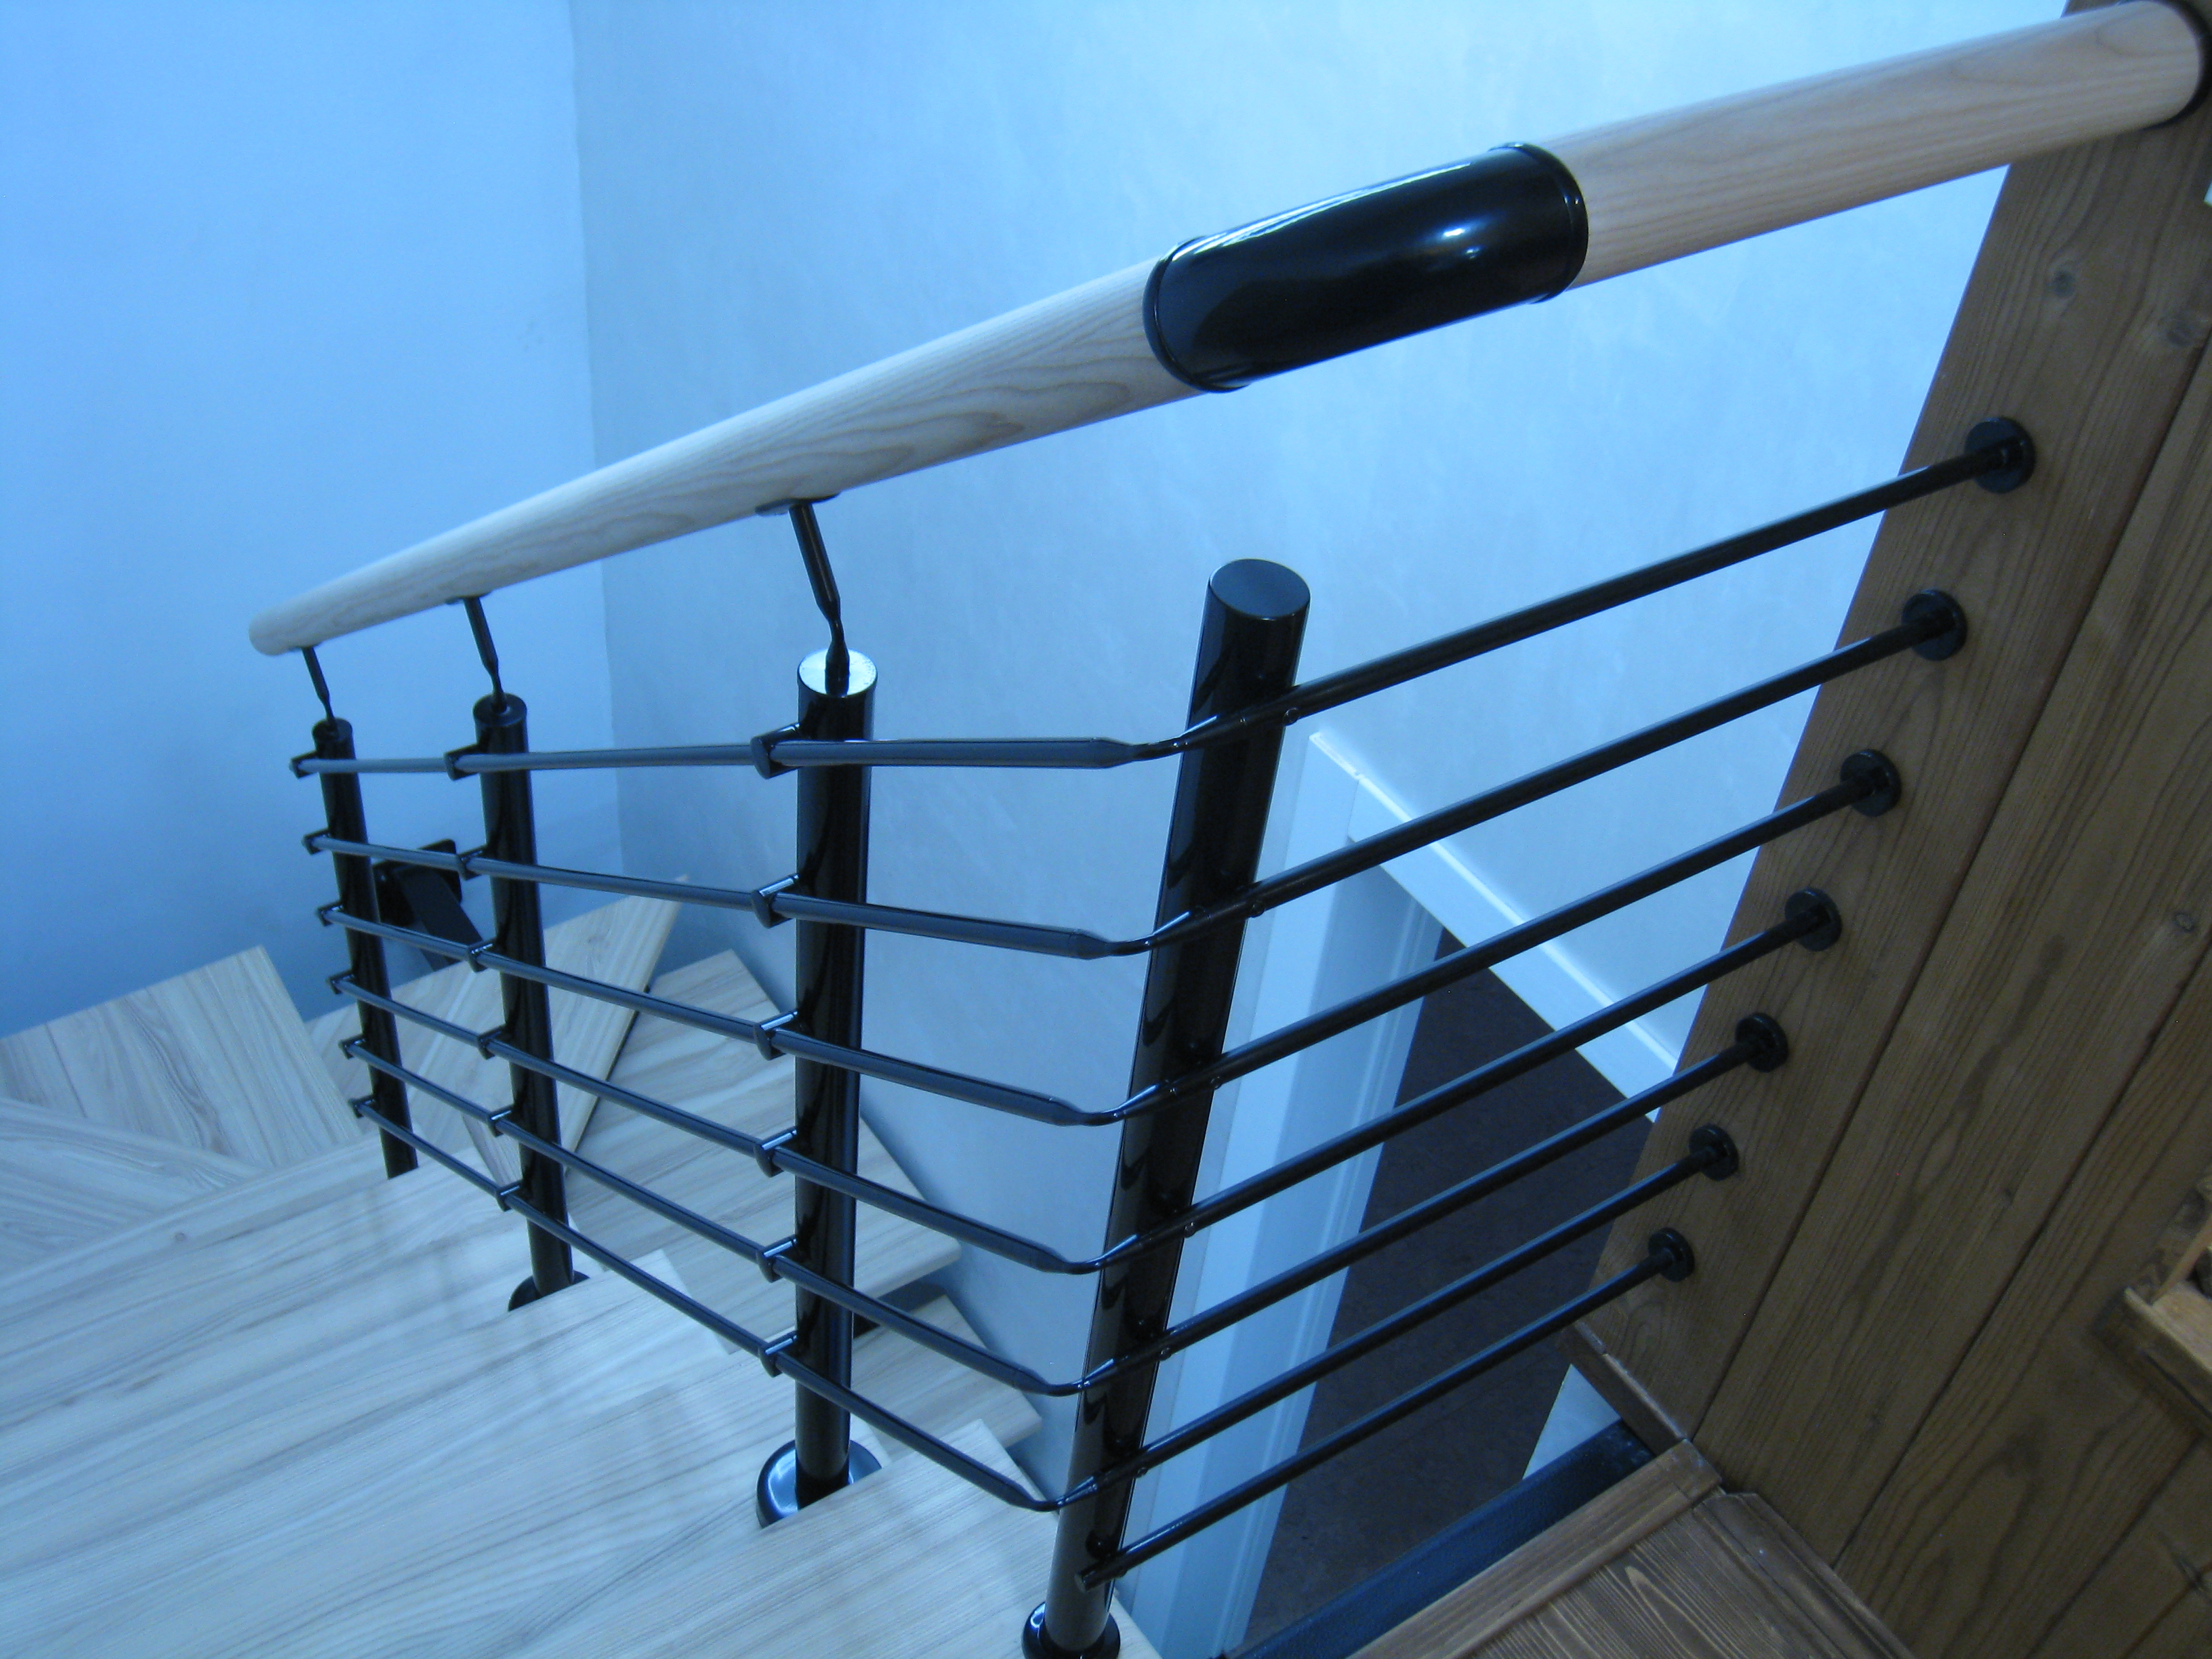 Лестница на центральном металлокосоуре с полимерным покрытием